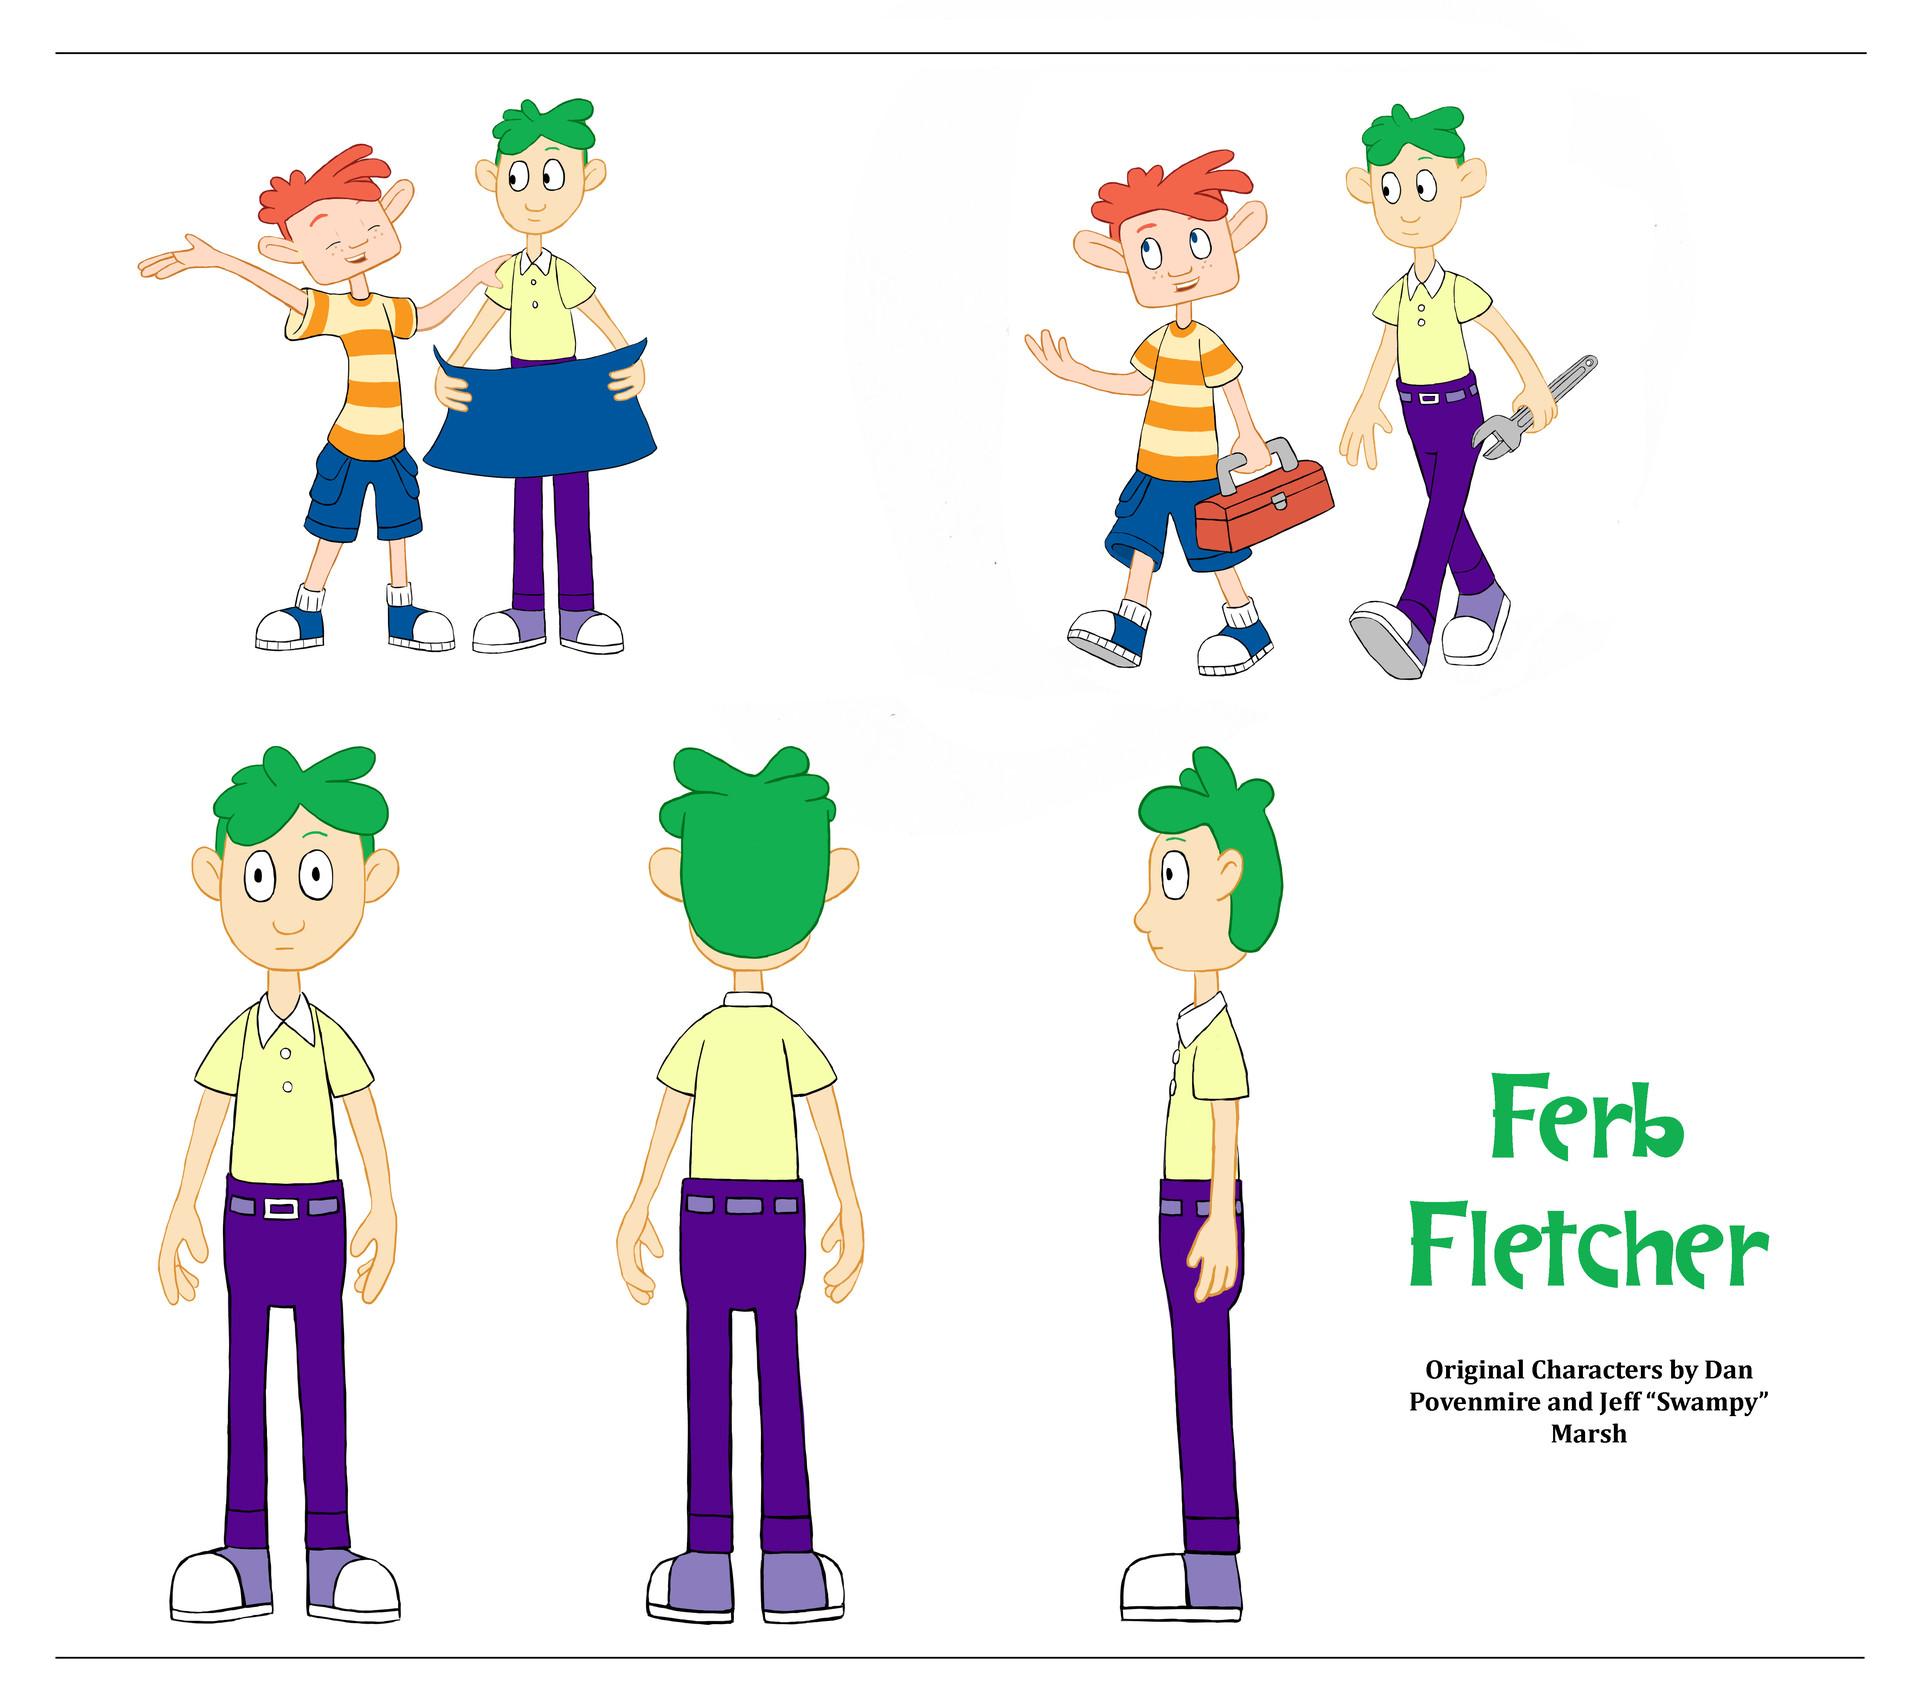 Ferb Images artstation - ferb fletcher off model, misty brown